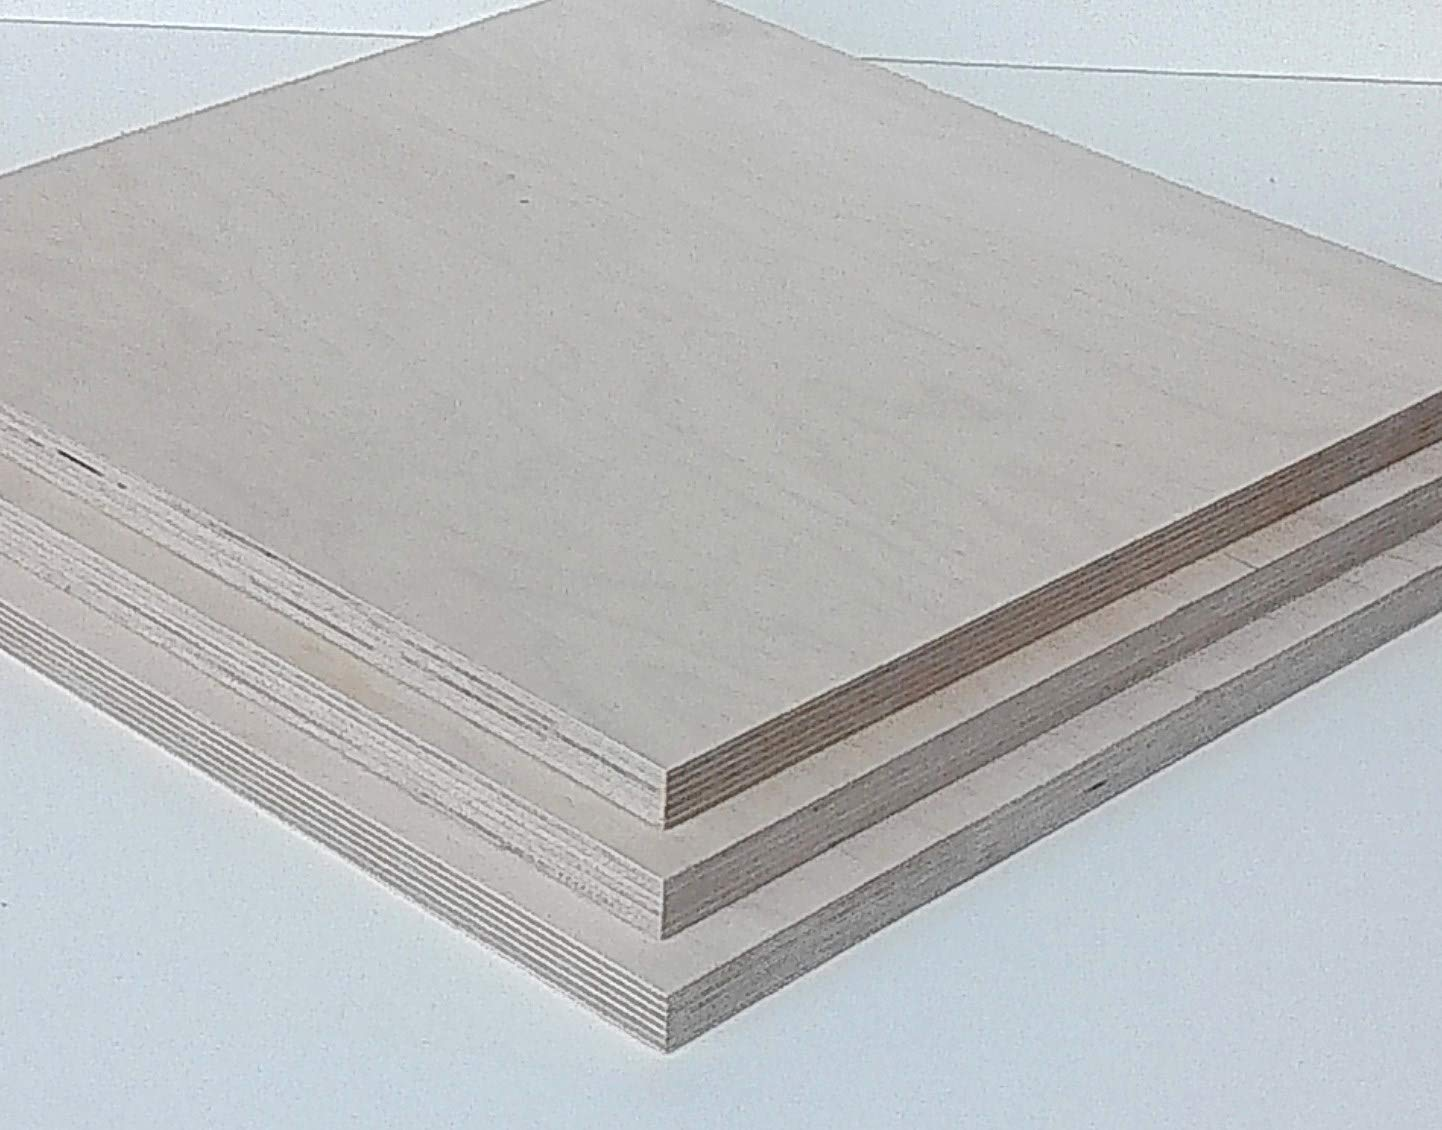 18mm starke Multiplex Sperrholzplatten Holzplatten beste Qualitä t. Sondermaß e. (100x100mm) Möbel Weddeling - Massive Möbel nach Kundenwunsch aus der Tischlerei im Münsterland.